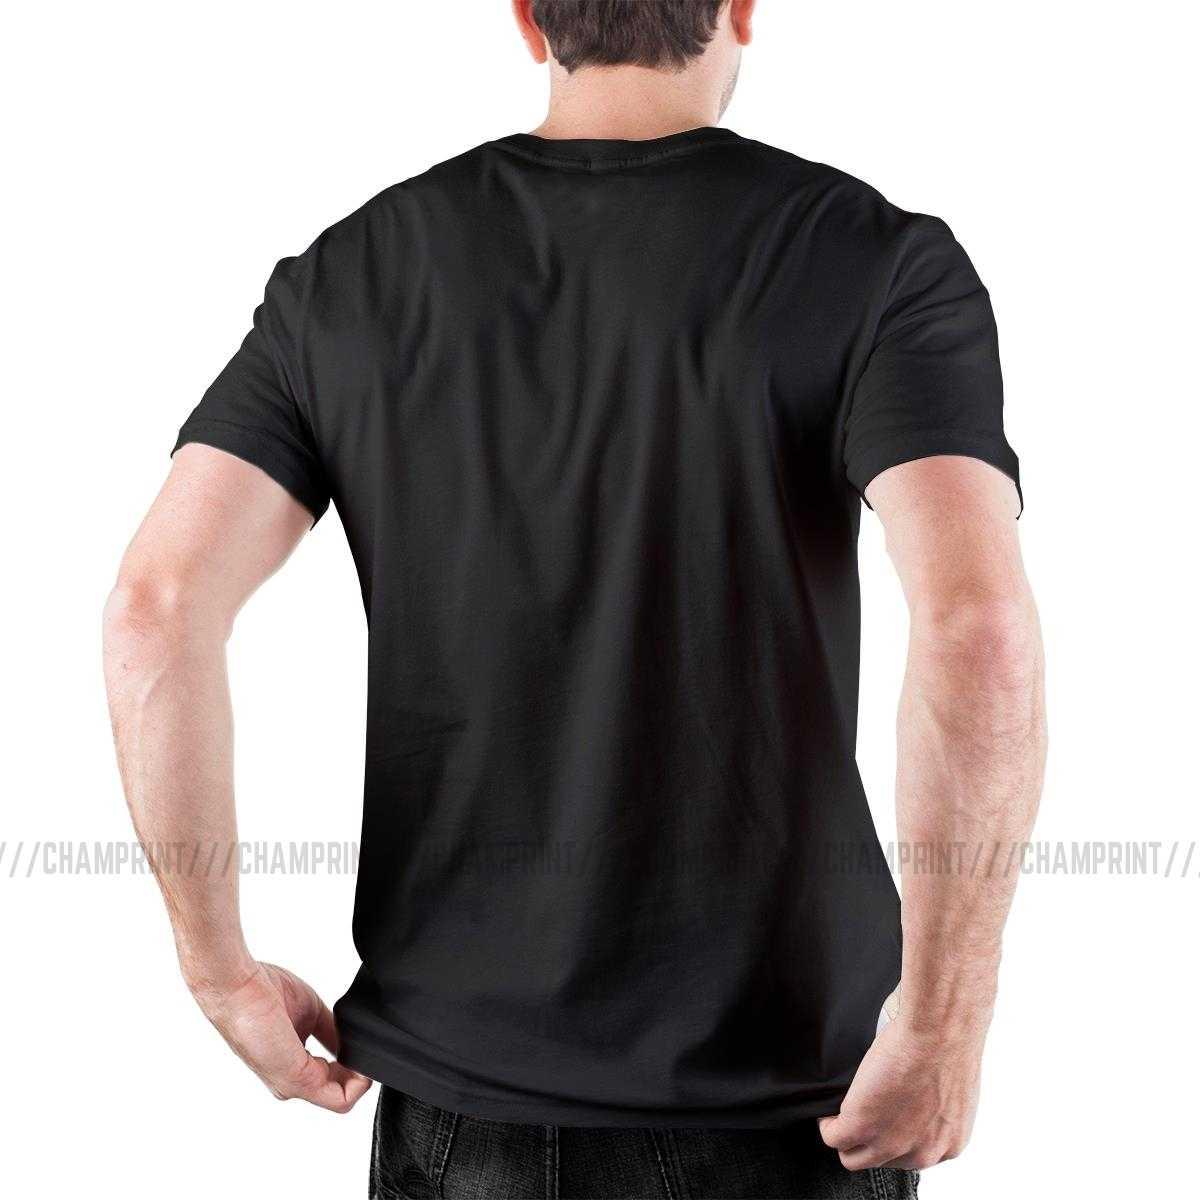 De Ons Kantoor Collectie T-shirts Voor Mannen Tv Serie Dwight Schrute Michael Scott Katoen Tee Shirt Korte Mouw T-shirt plus Size